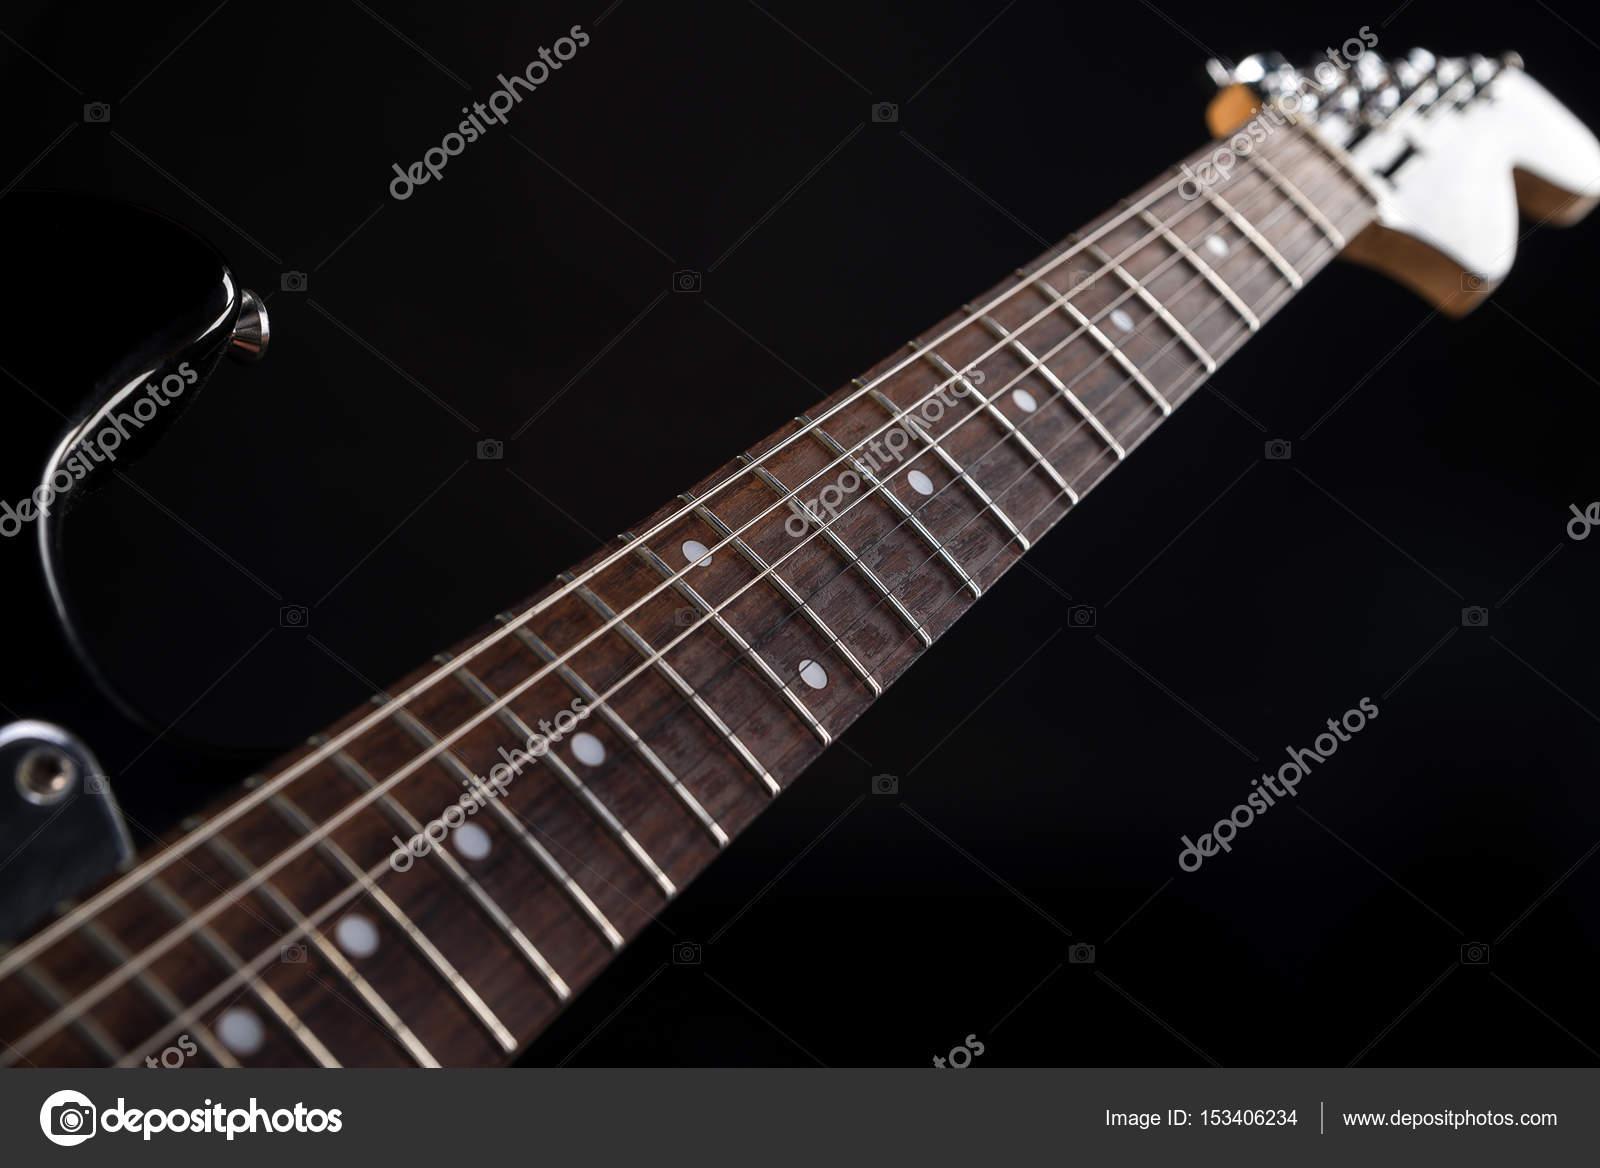 Groß Gitarre Rahmen Fotos - Benutzerdefinierte Bilderrahmen Ideen ...